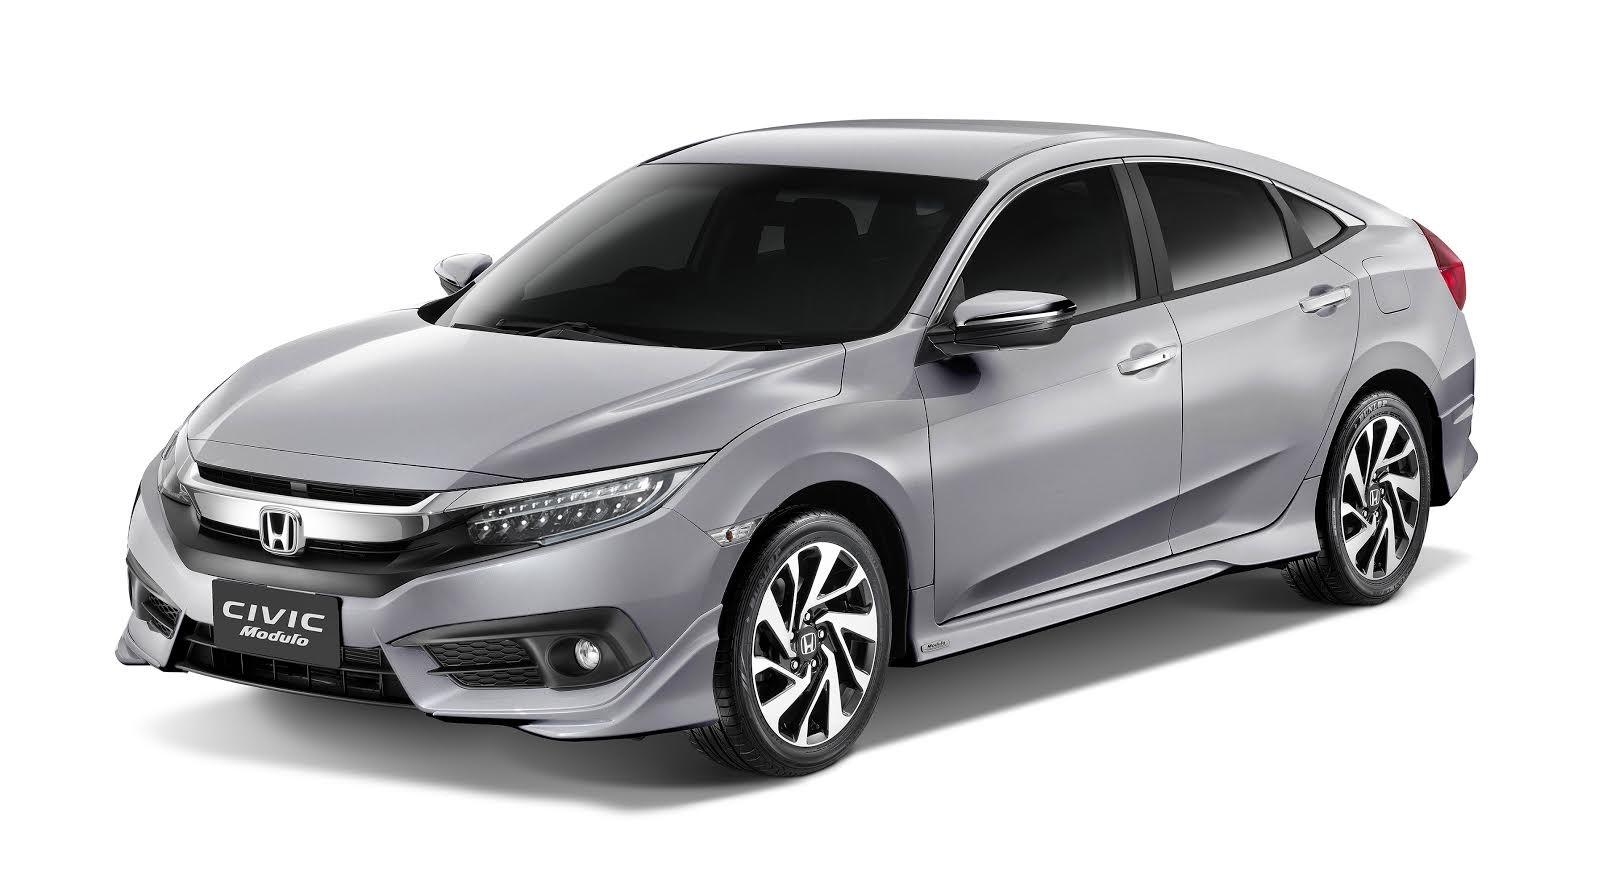 Image Result For Honda Civic Hatchback Modulo